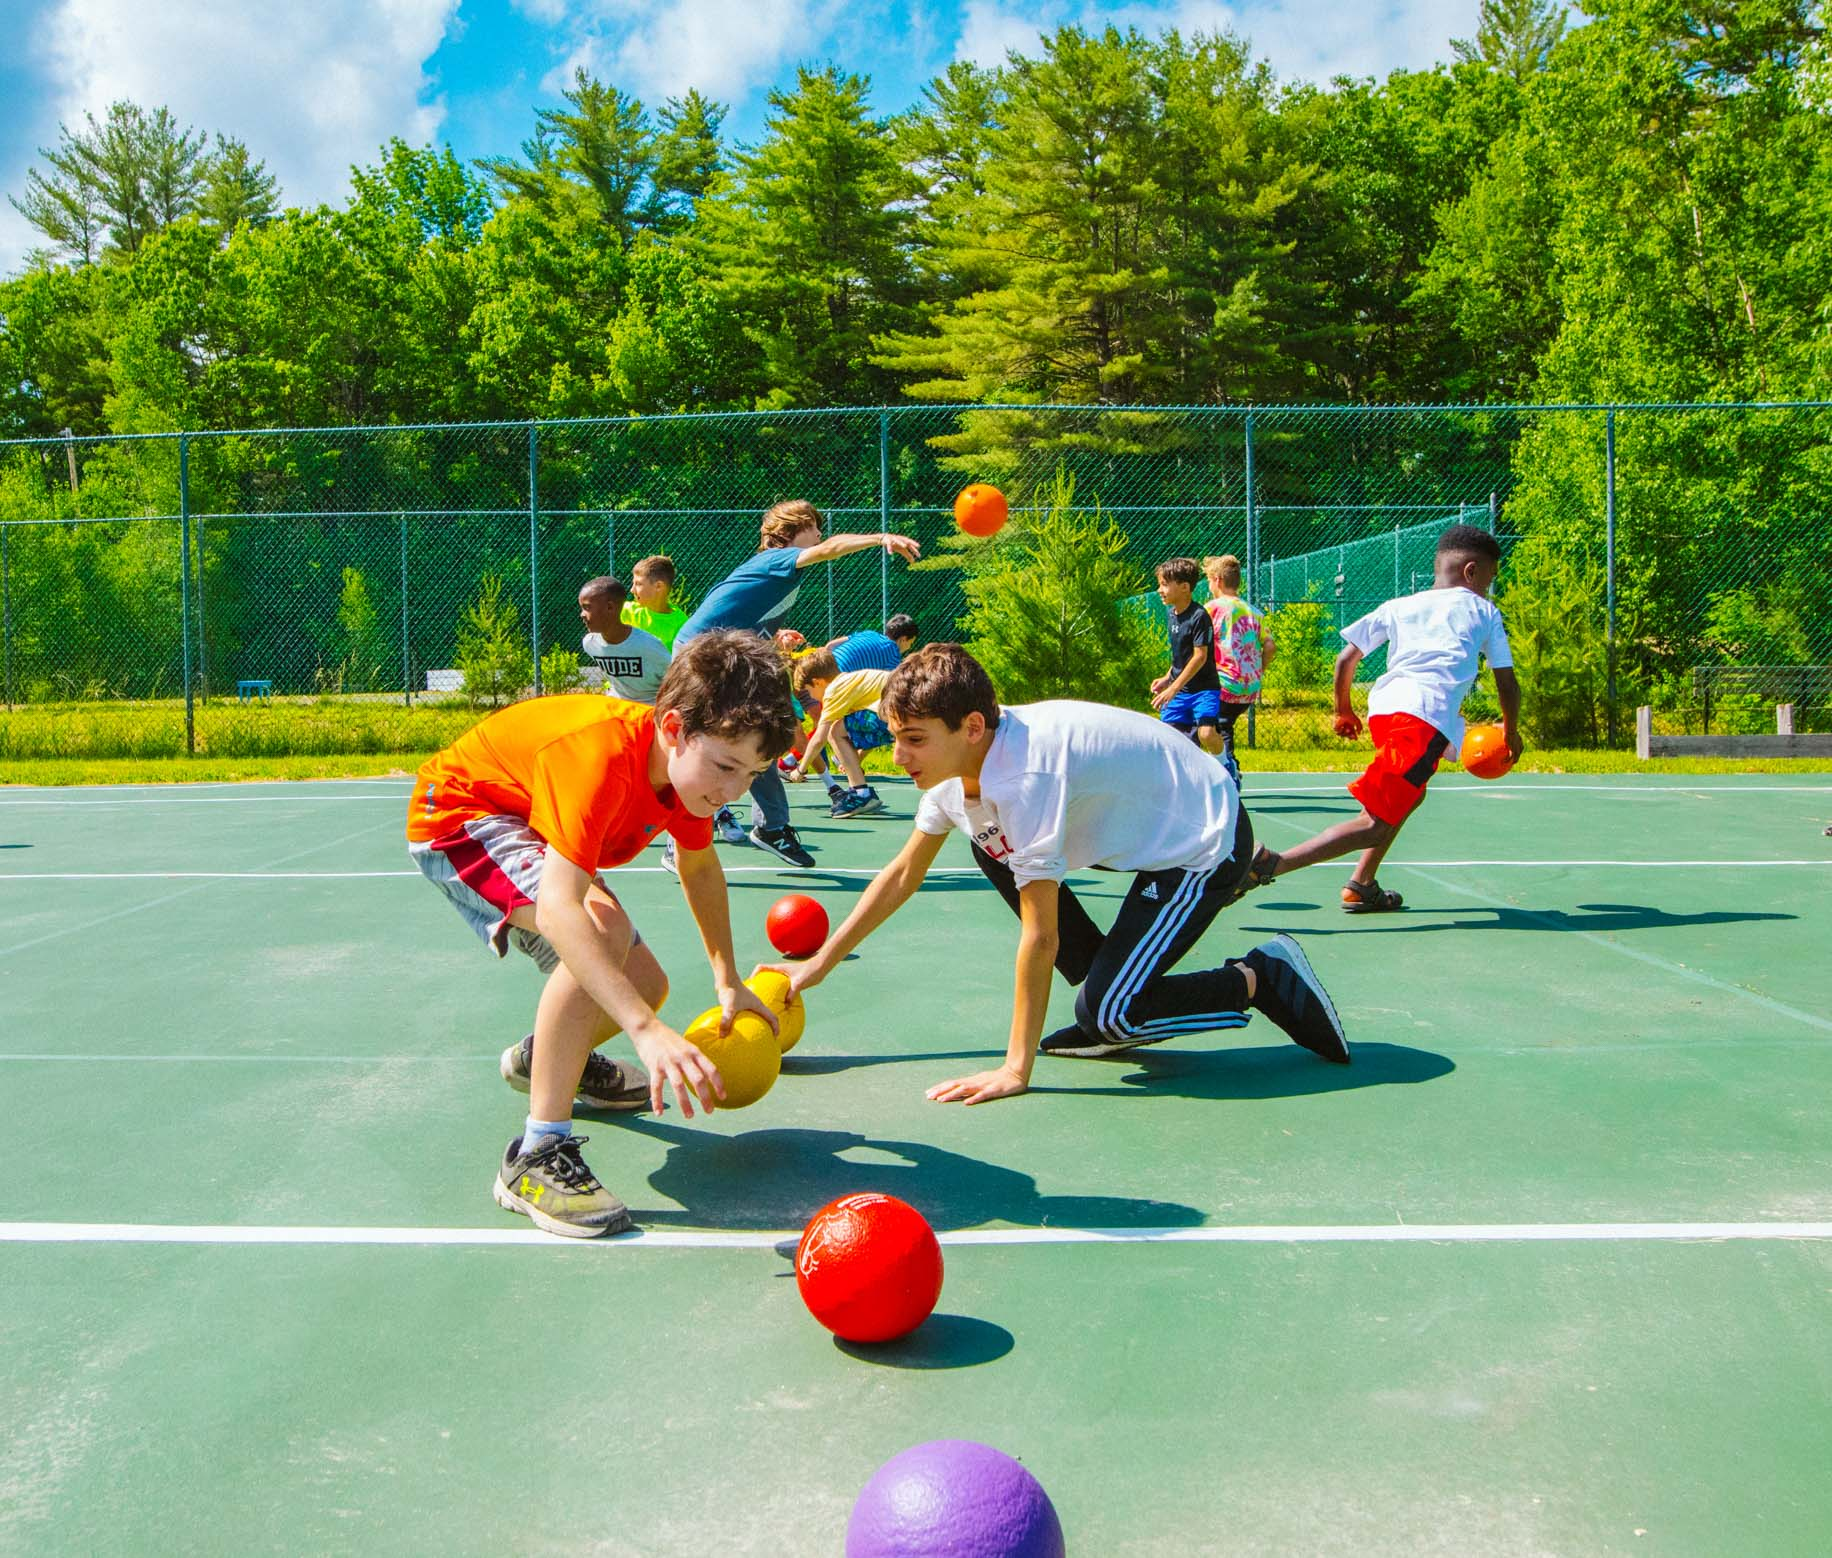 Boys at dodgeball